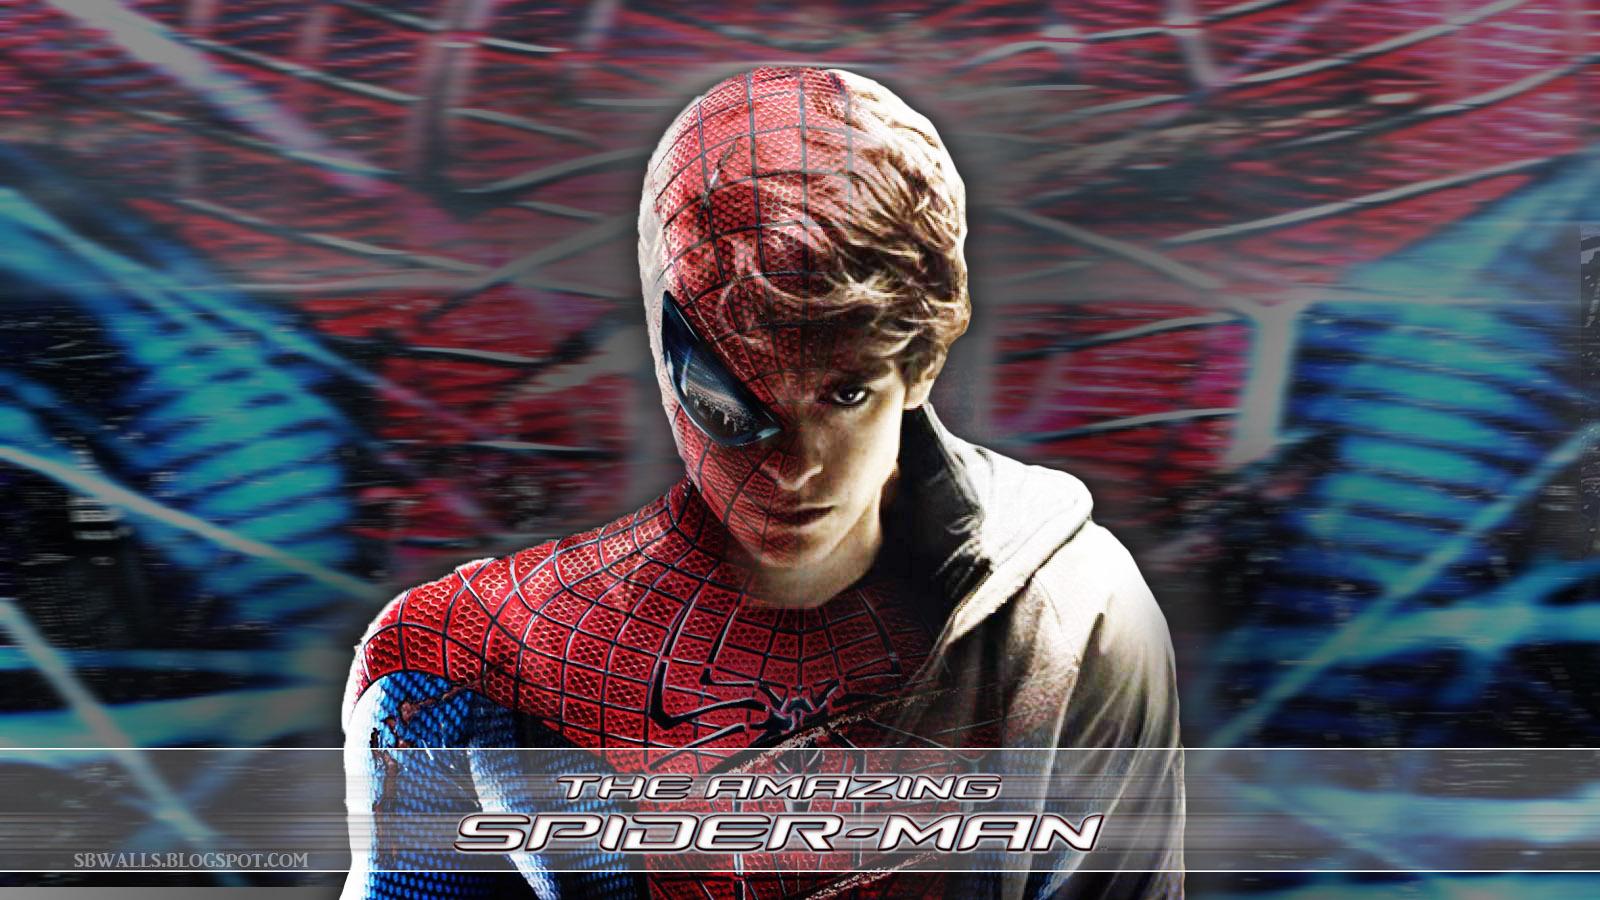 Image - Amazing-Spiderman-Movie-wallpaper-spider-man